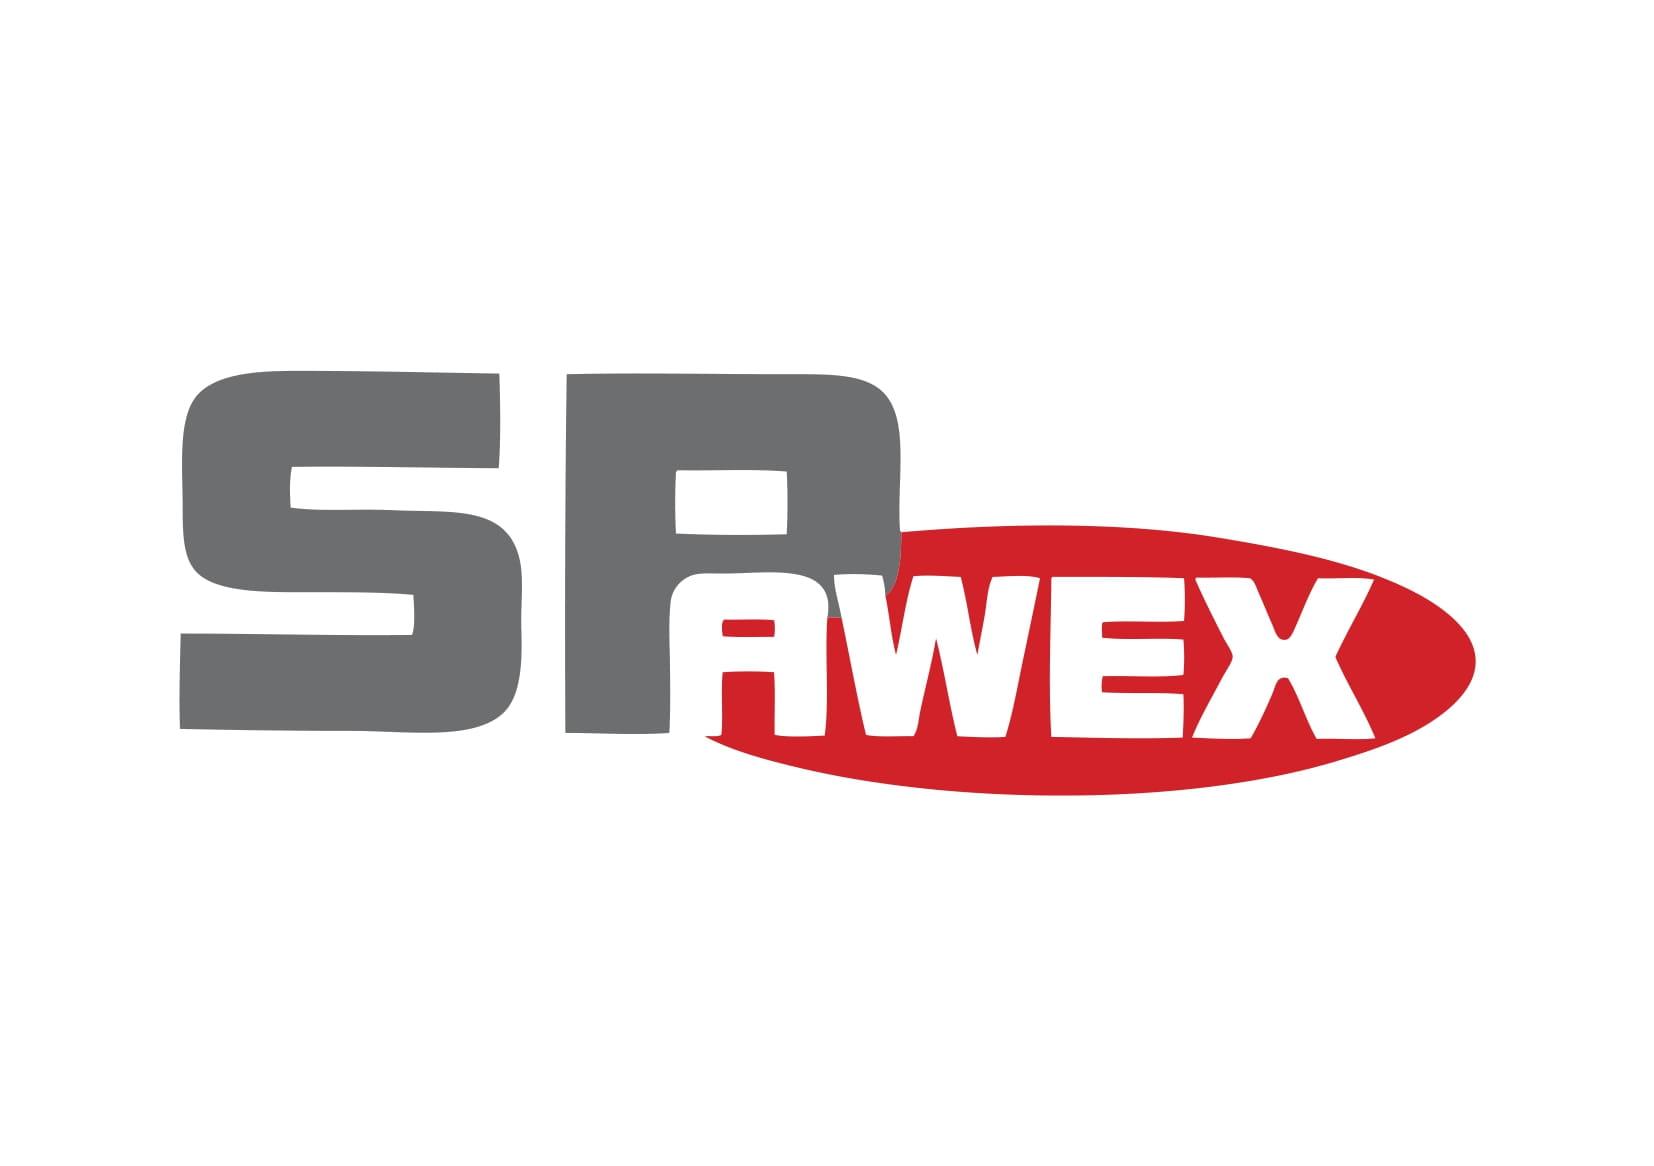 Spawex szuka pracowników - Zdjęcie główne